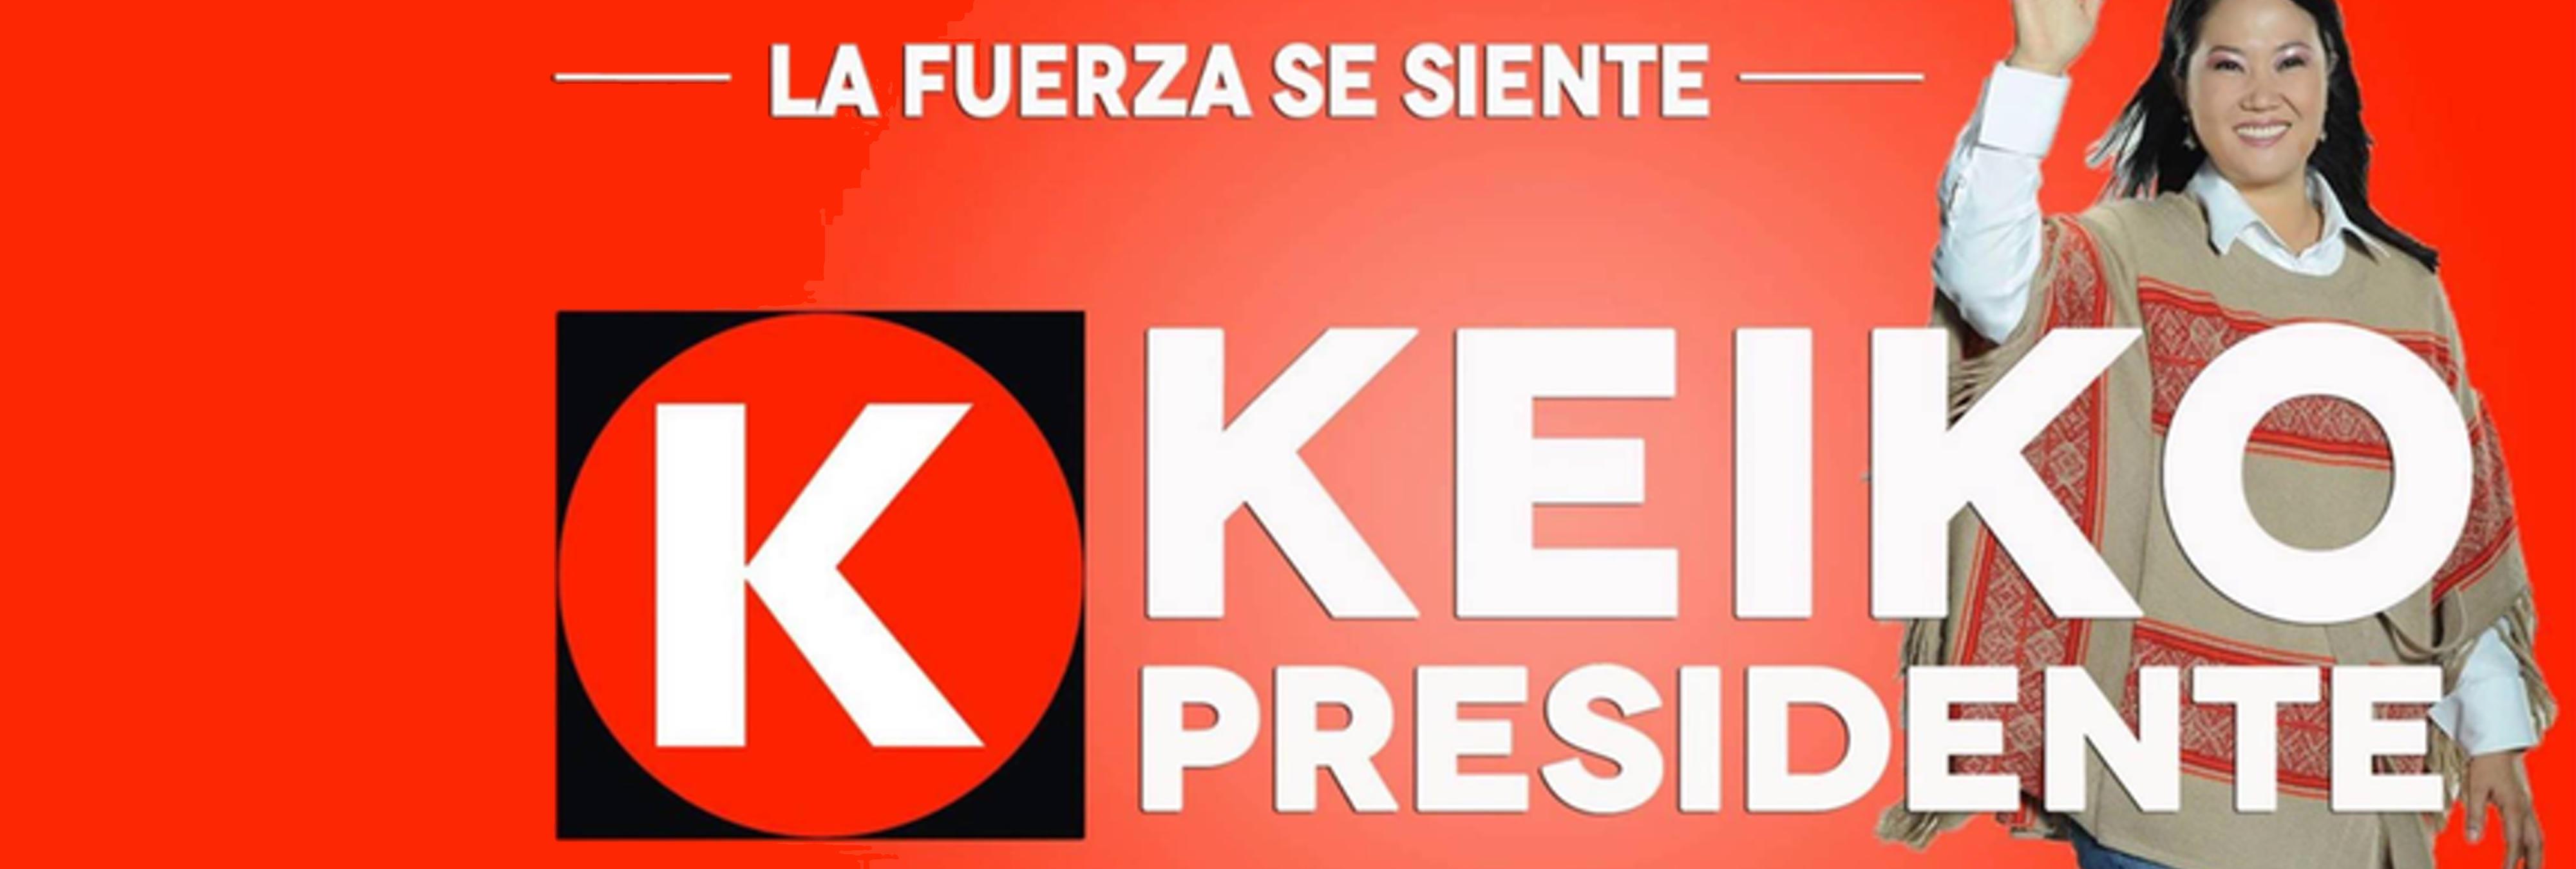 La política en Perú: el guion que Televisa siempre quiso escribir